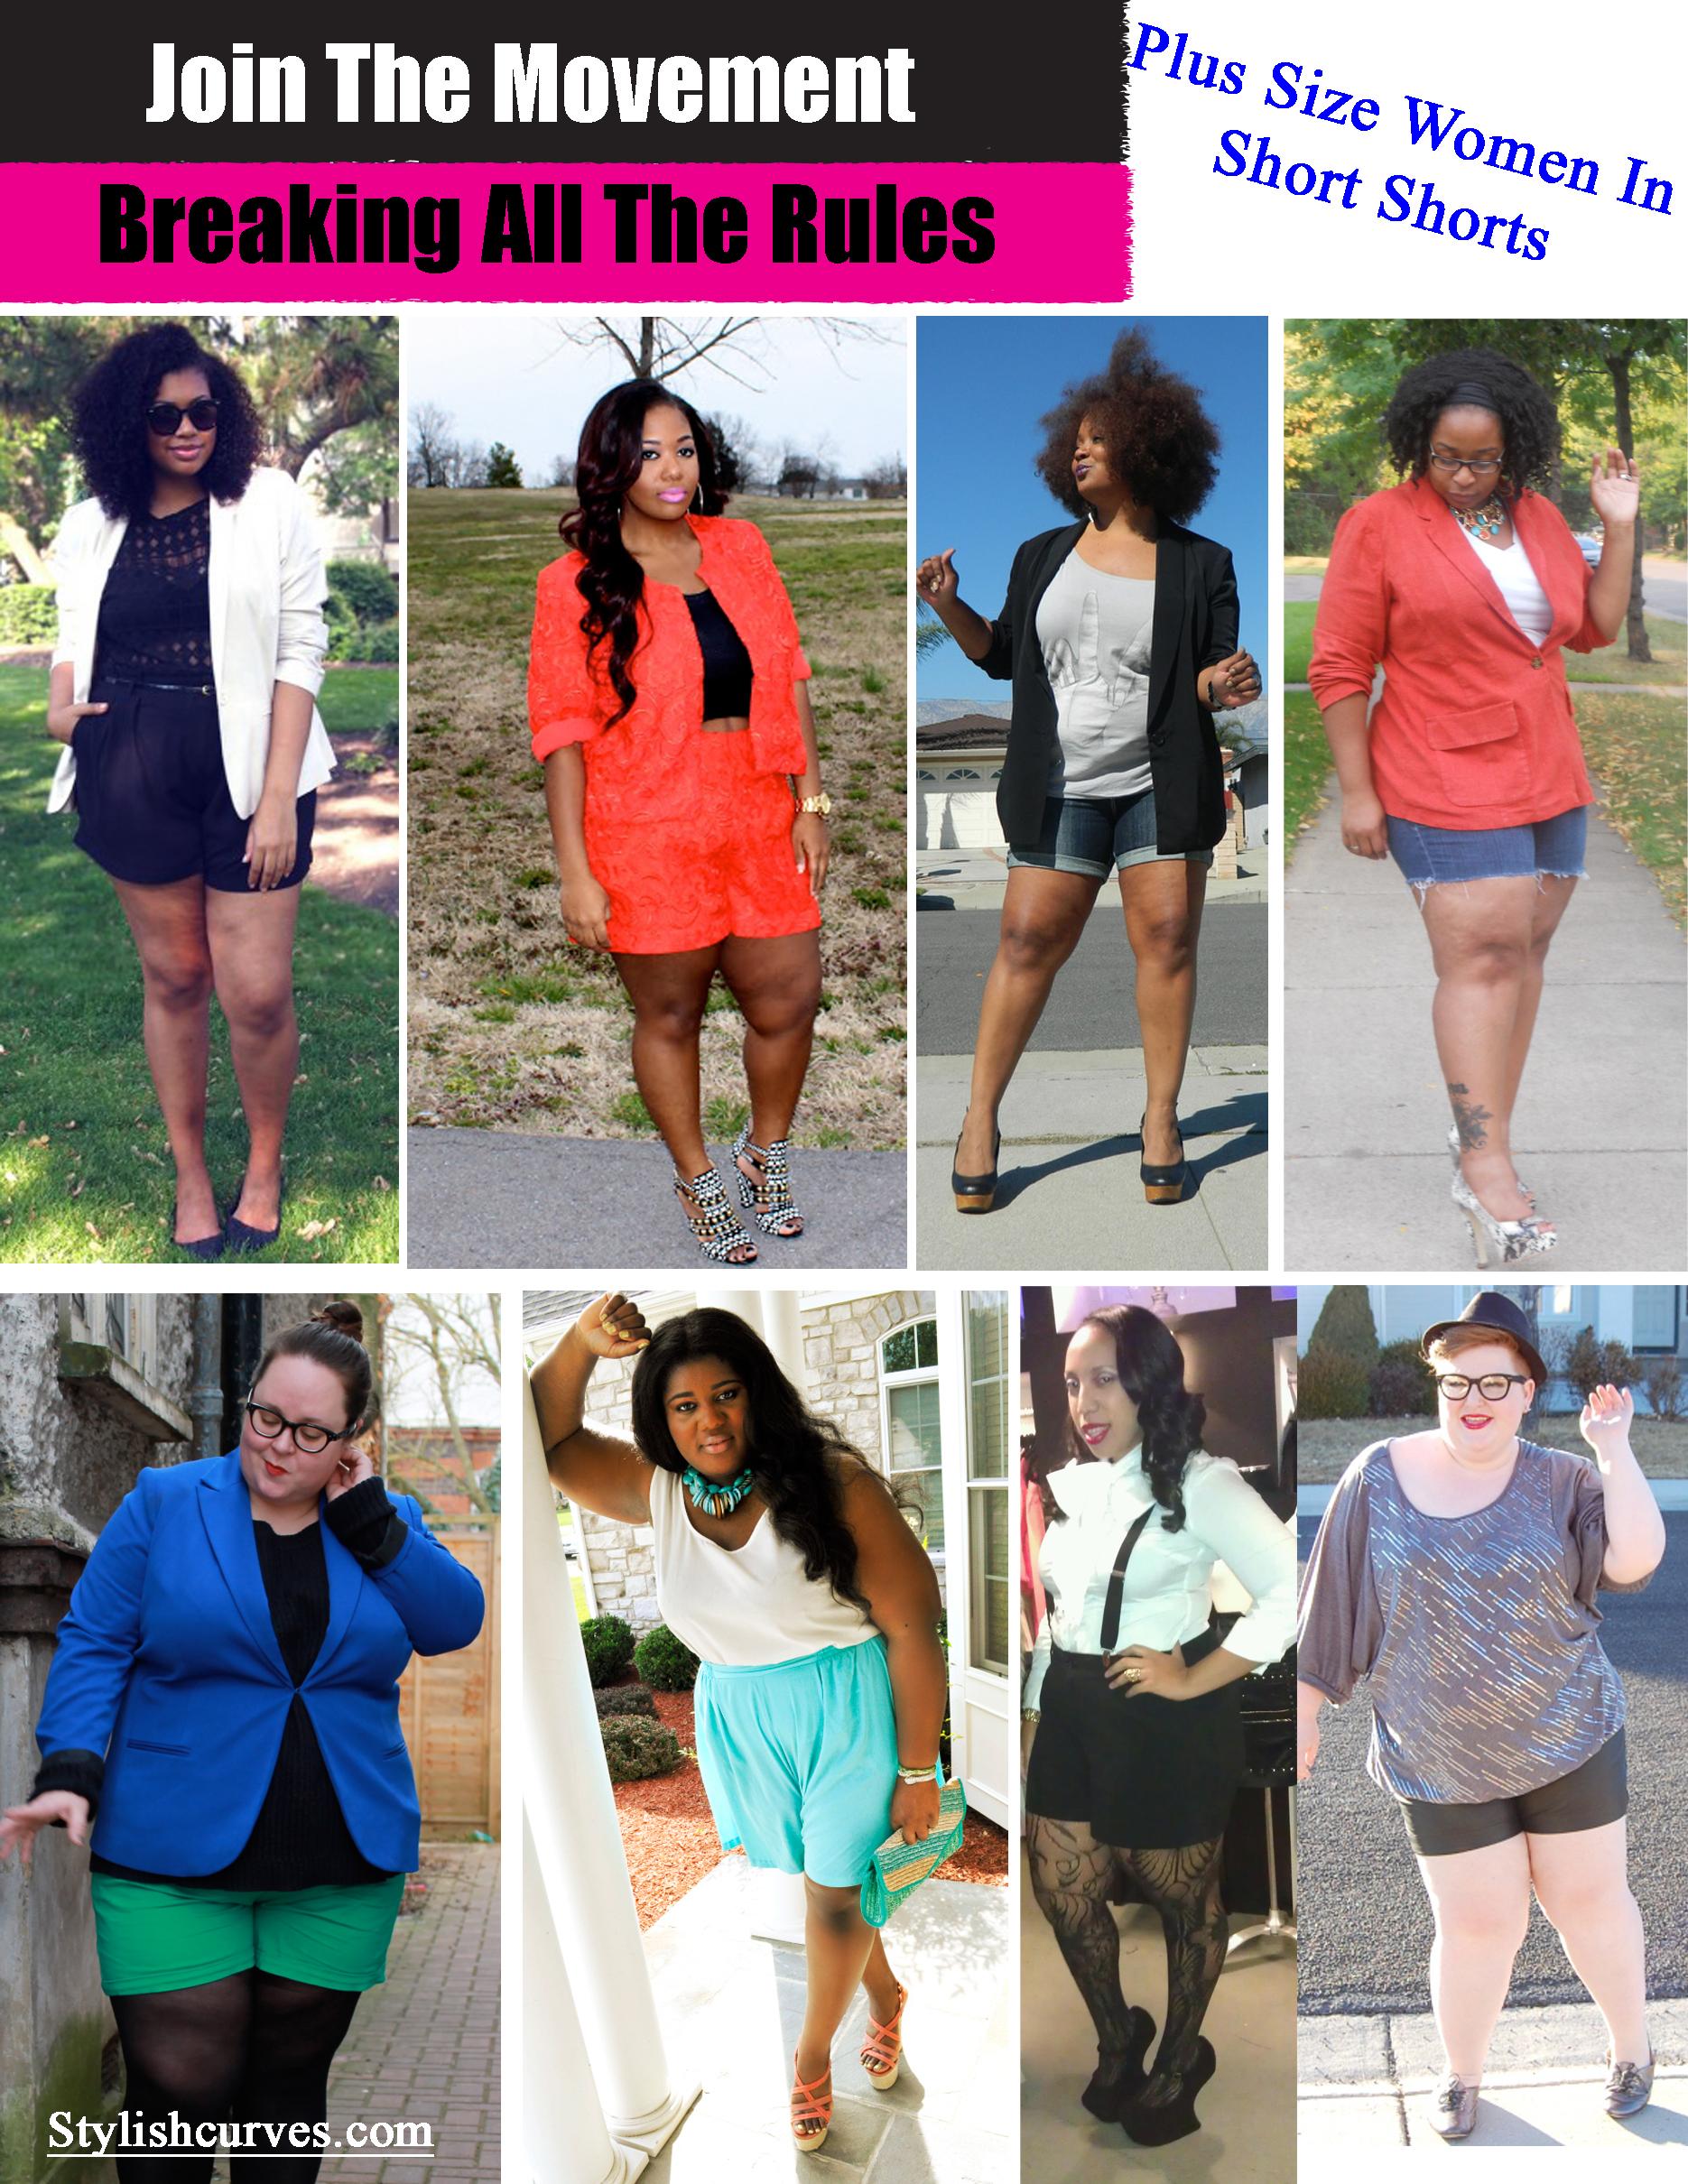 Short Plus Size Women